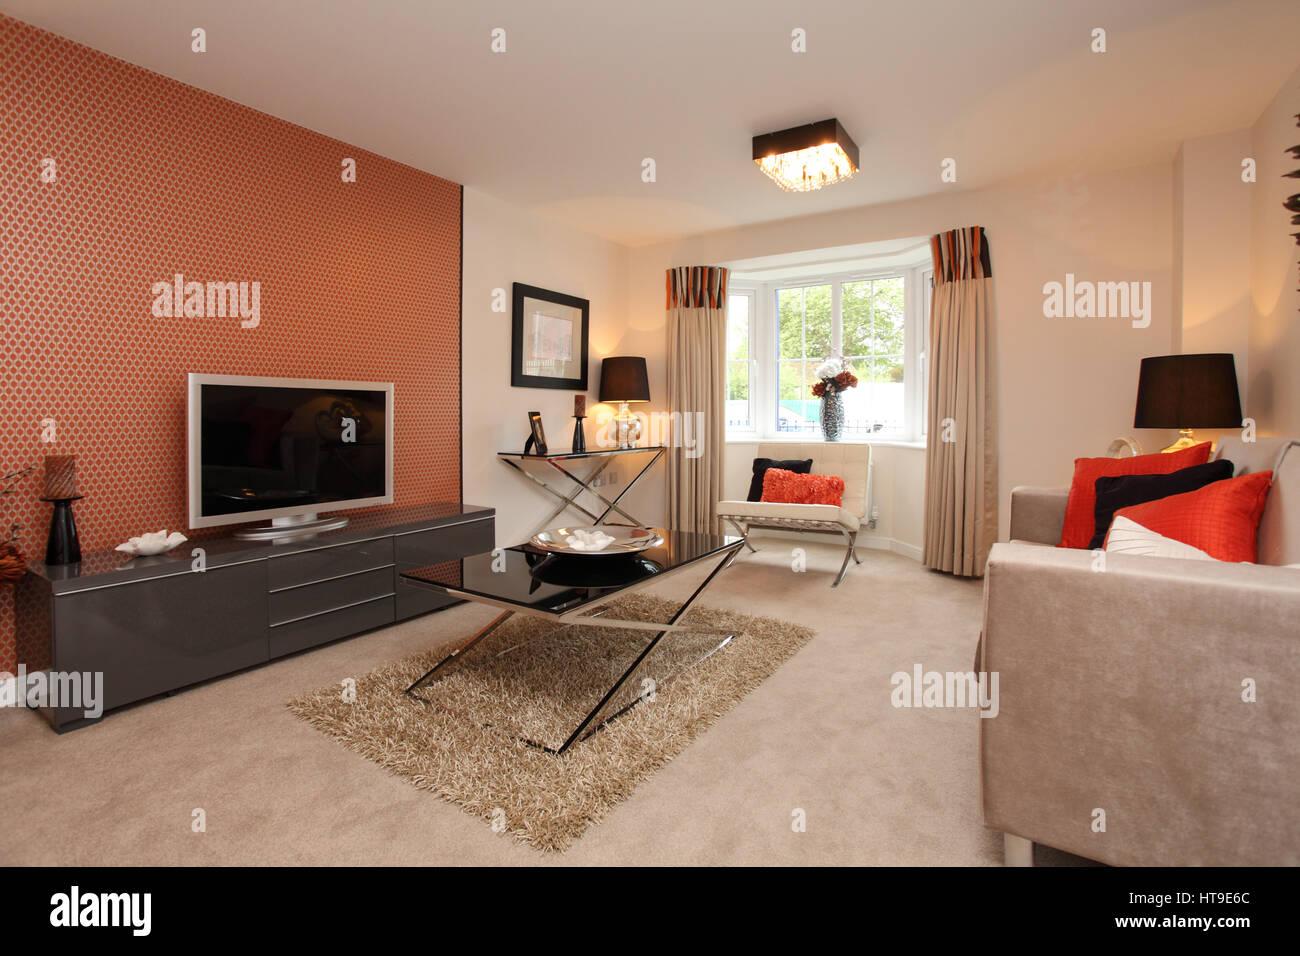 Home intérieur. salon, mur, Mur d'orange, table basse en verre, des meubles beige, fauteuil, tapis, Photo Stock